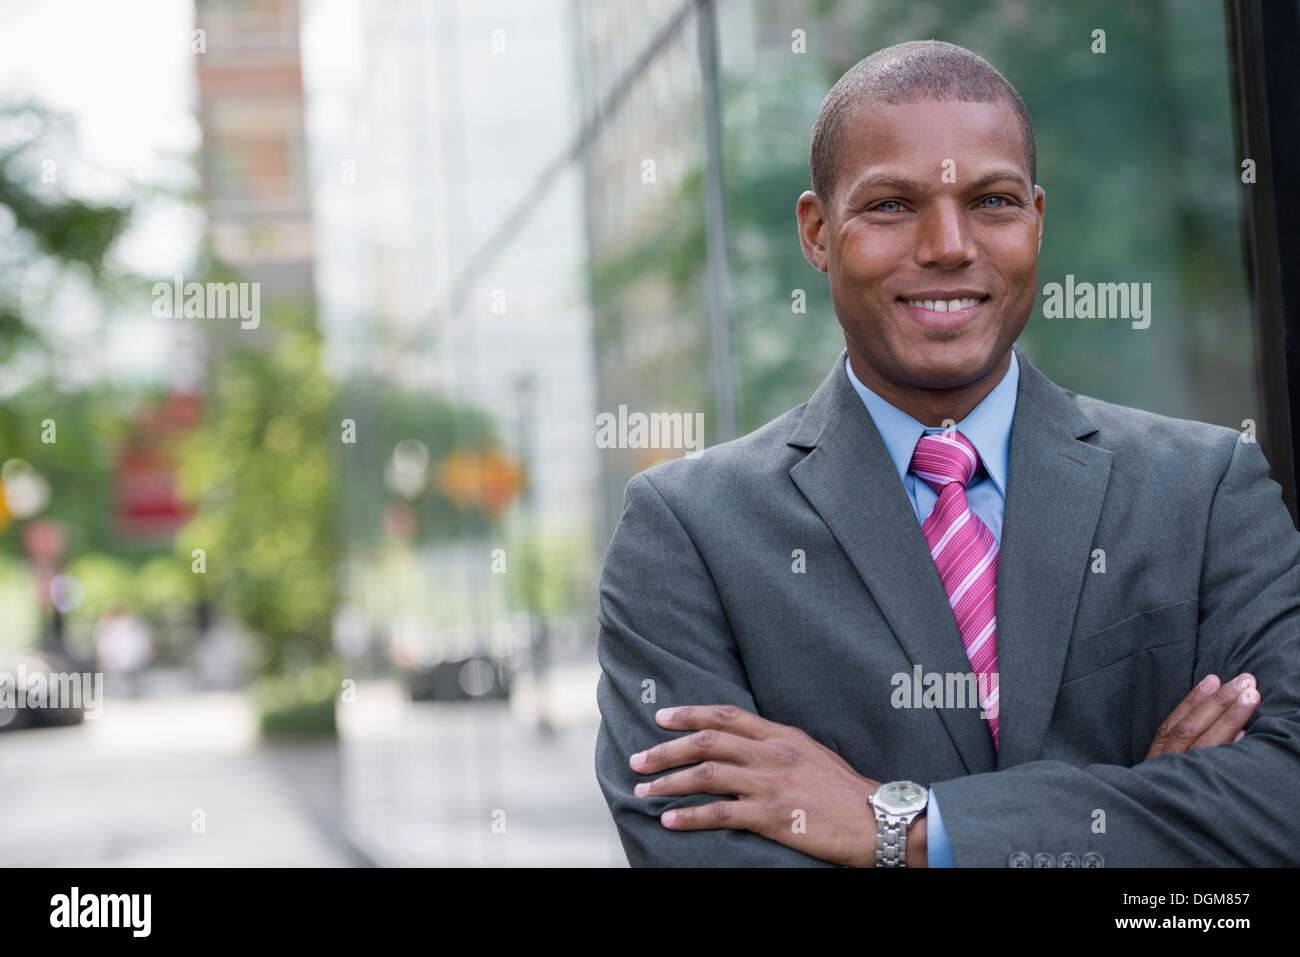 Un hombre joven en un traje de negocios con una camisa azul y corbata roja. En una calle de la ciudad. Sonriendo Foto de stock